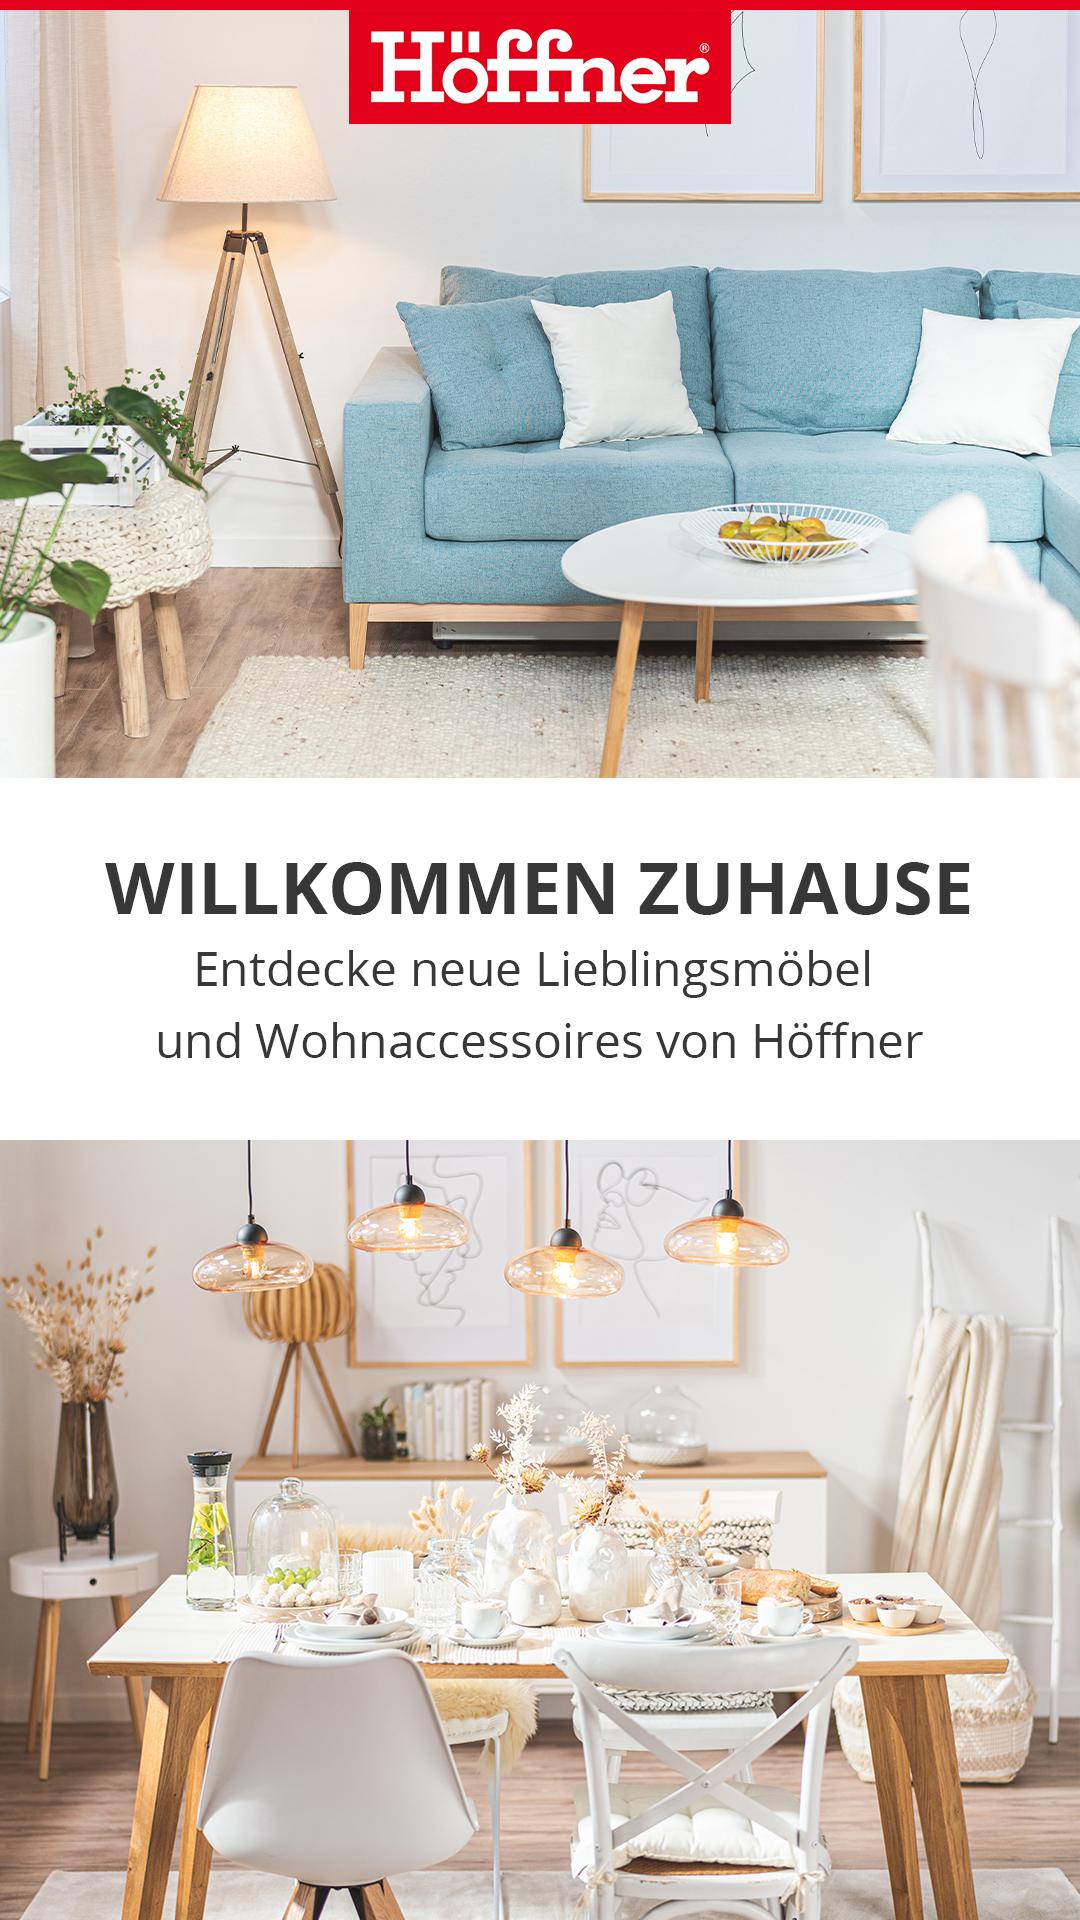 Shop The Look Green Living Mobel Hoffner In 2020 Willkommen Zuhause Okologisch Leben Wohnen